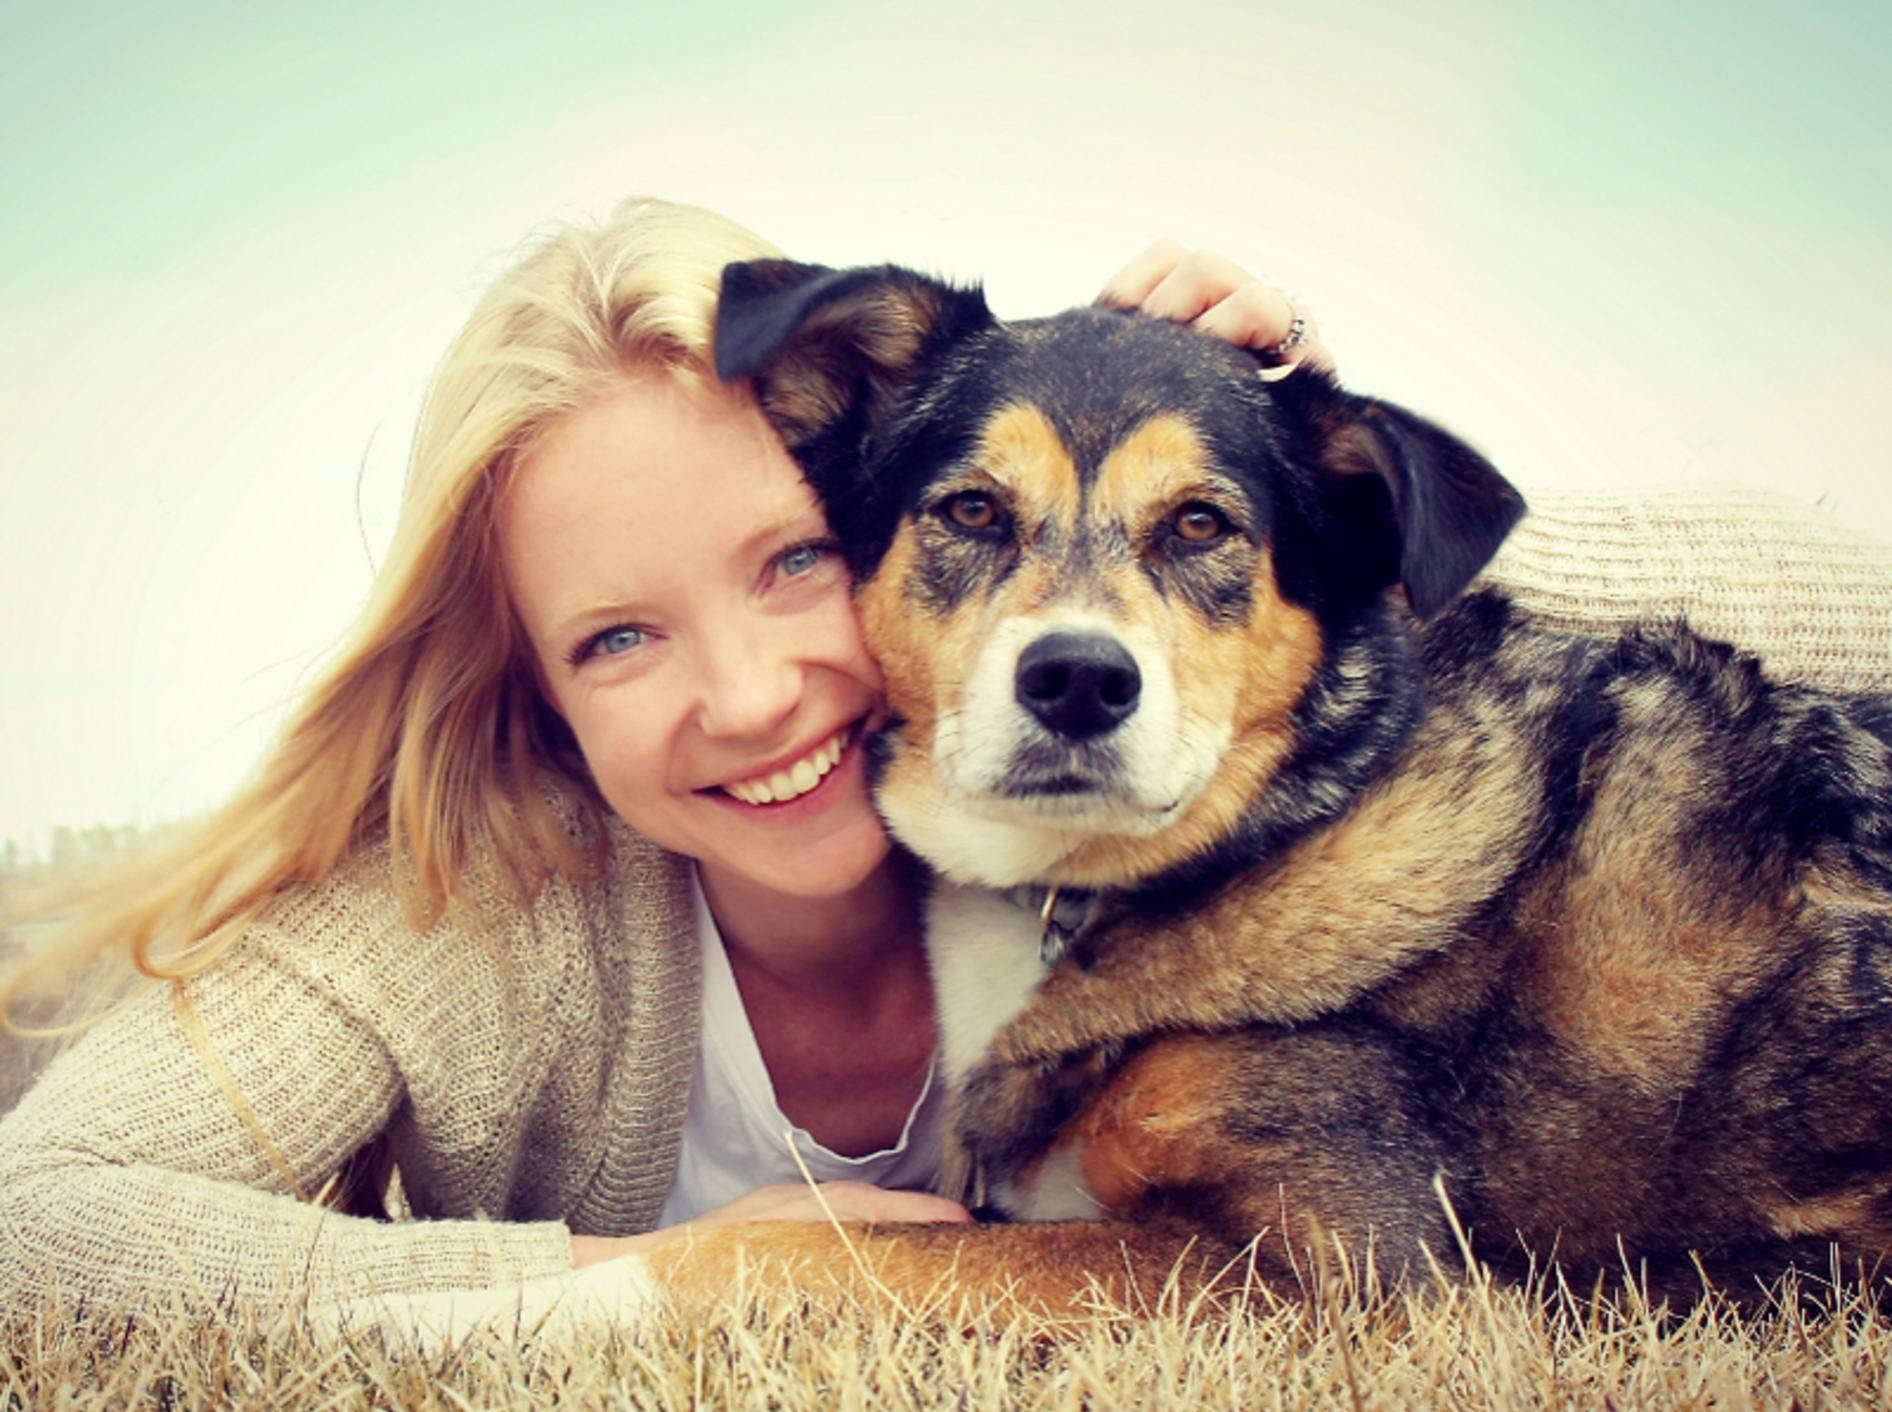 Der grobe Aufbau des Gehirns unterscheidet sich bei Hund und Mensch nicht groß, die Kapazitäten und Möglichkeiten schon – Shutterstock / Christin Lola